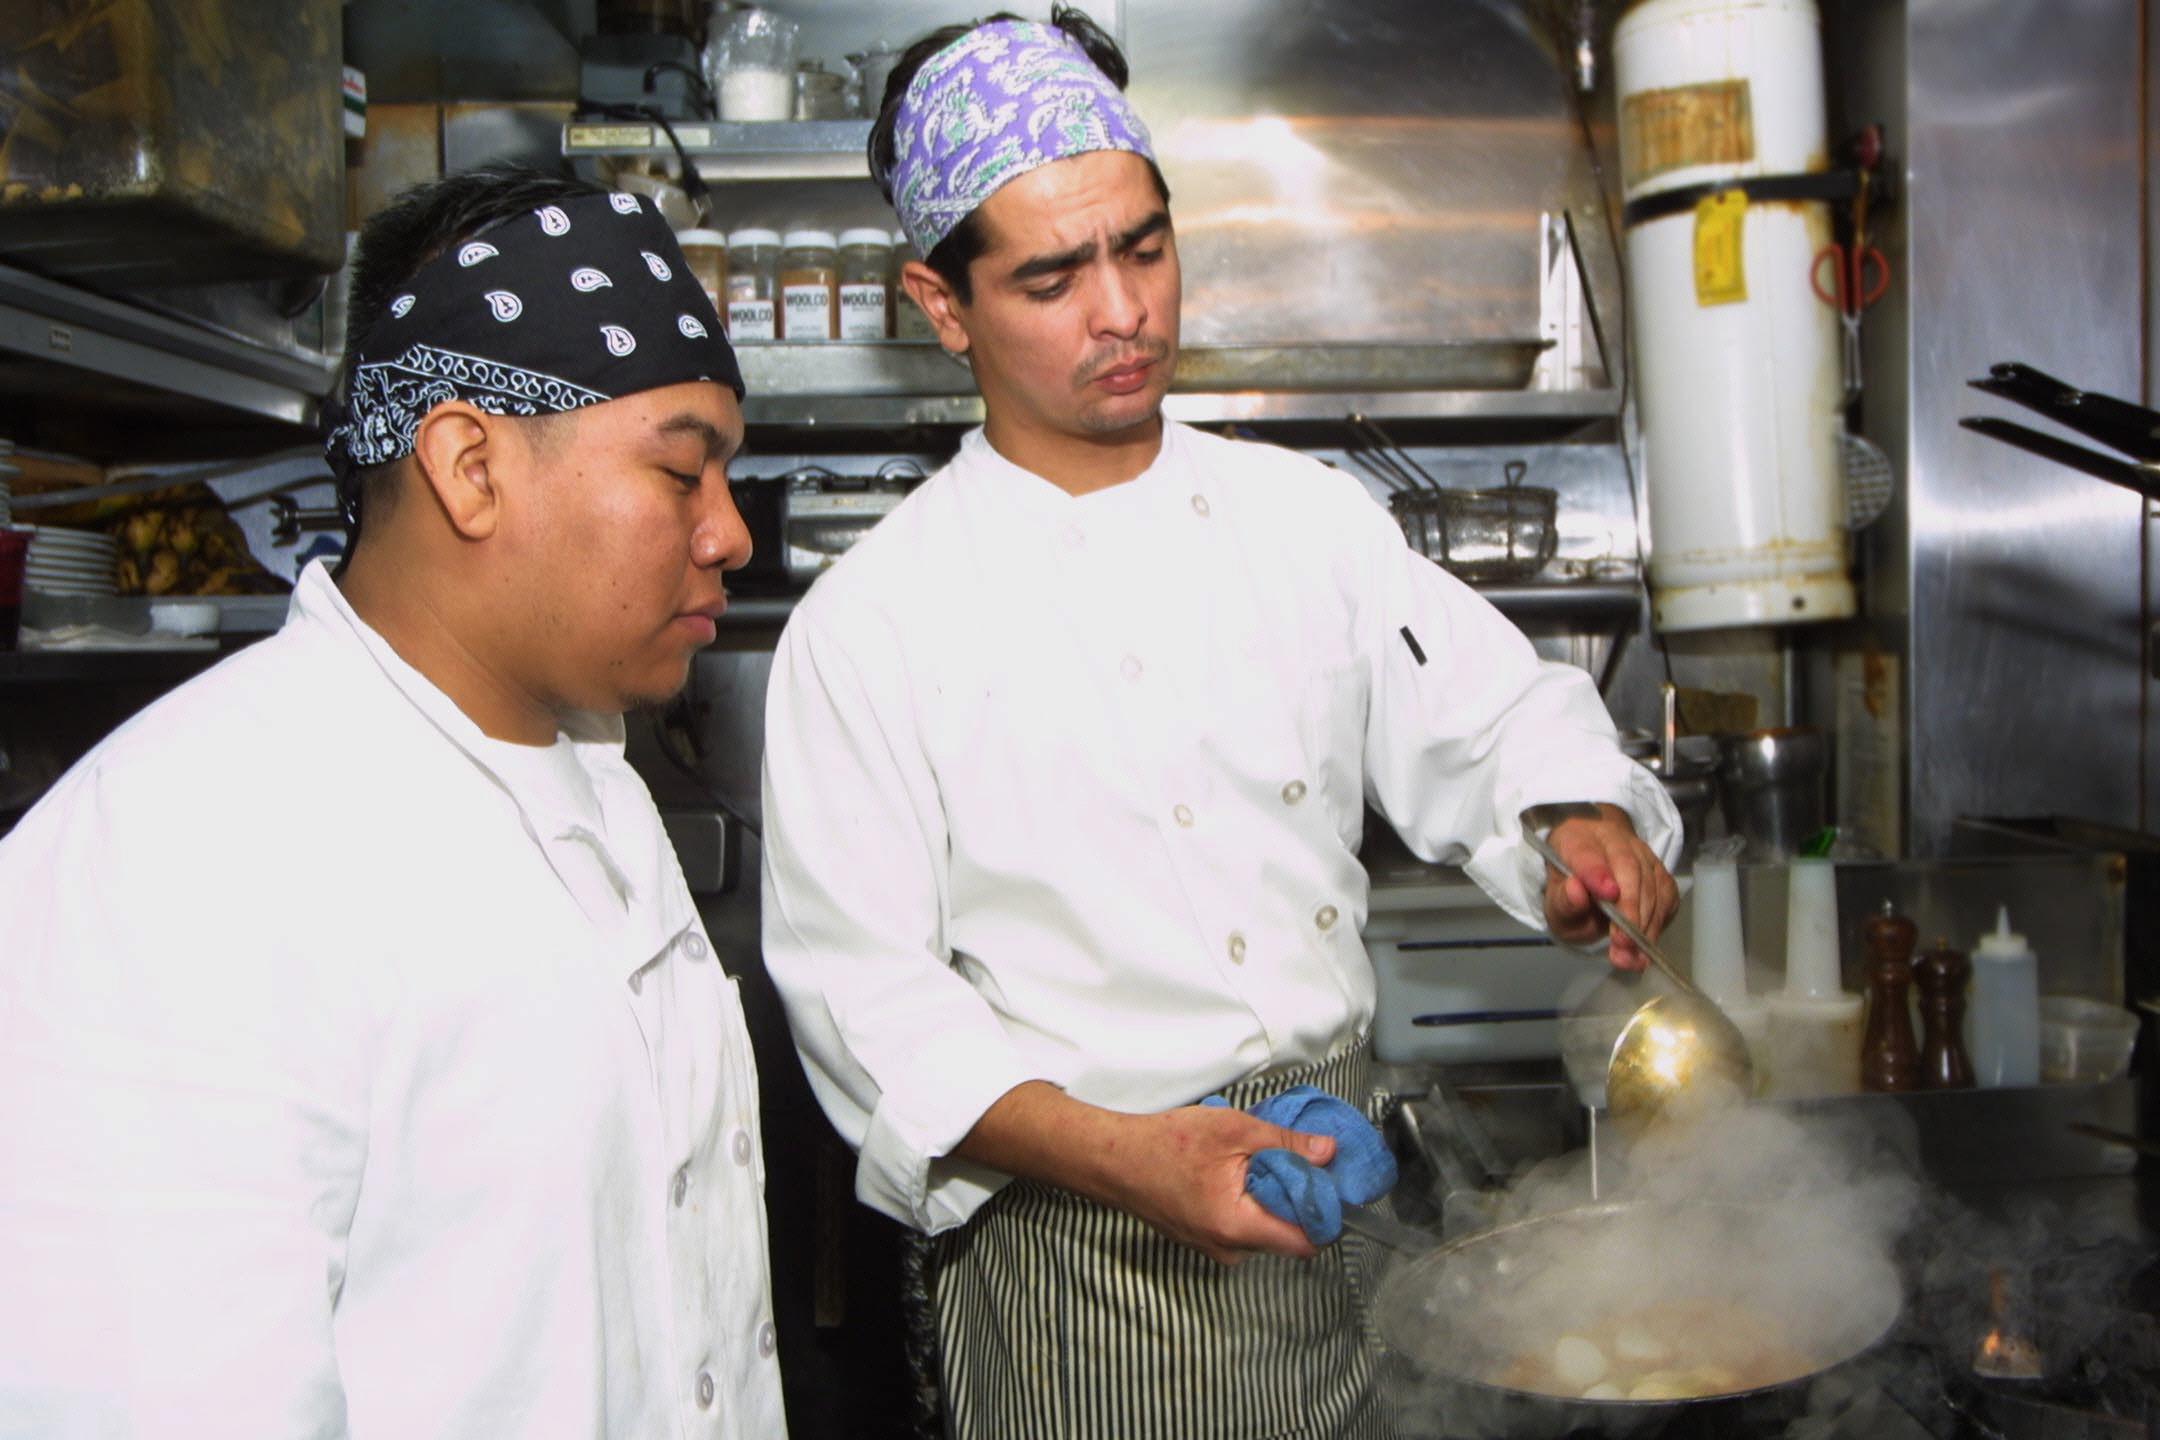 1.2 millones de latinos encuentran  trabajo en el sector de alimentos en Estados Unidos y cuando son repatriados  emprenden sus propios negocios de comida.